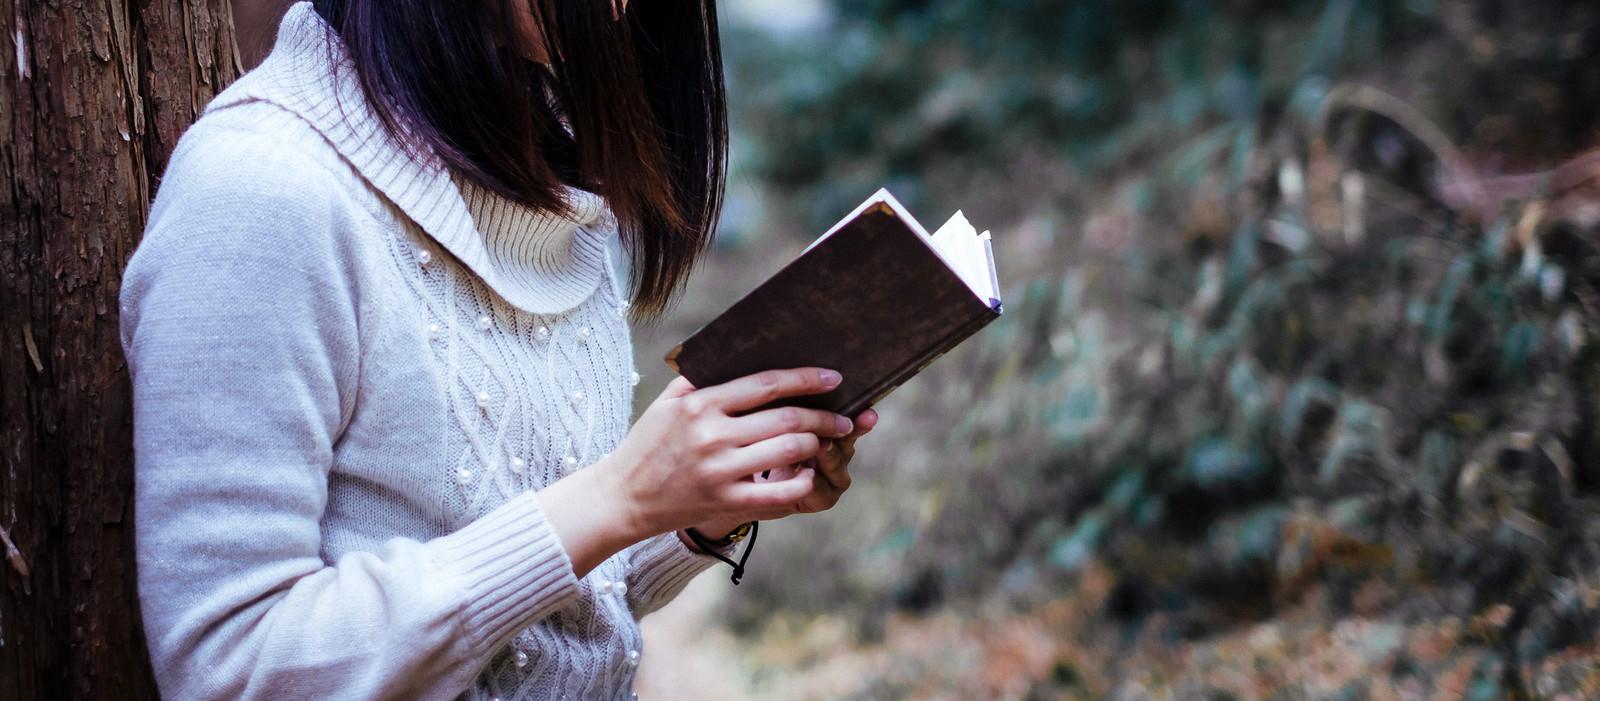 「秘密が書かれた本を手にする女性」の写真